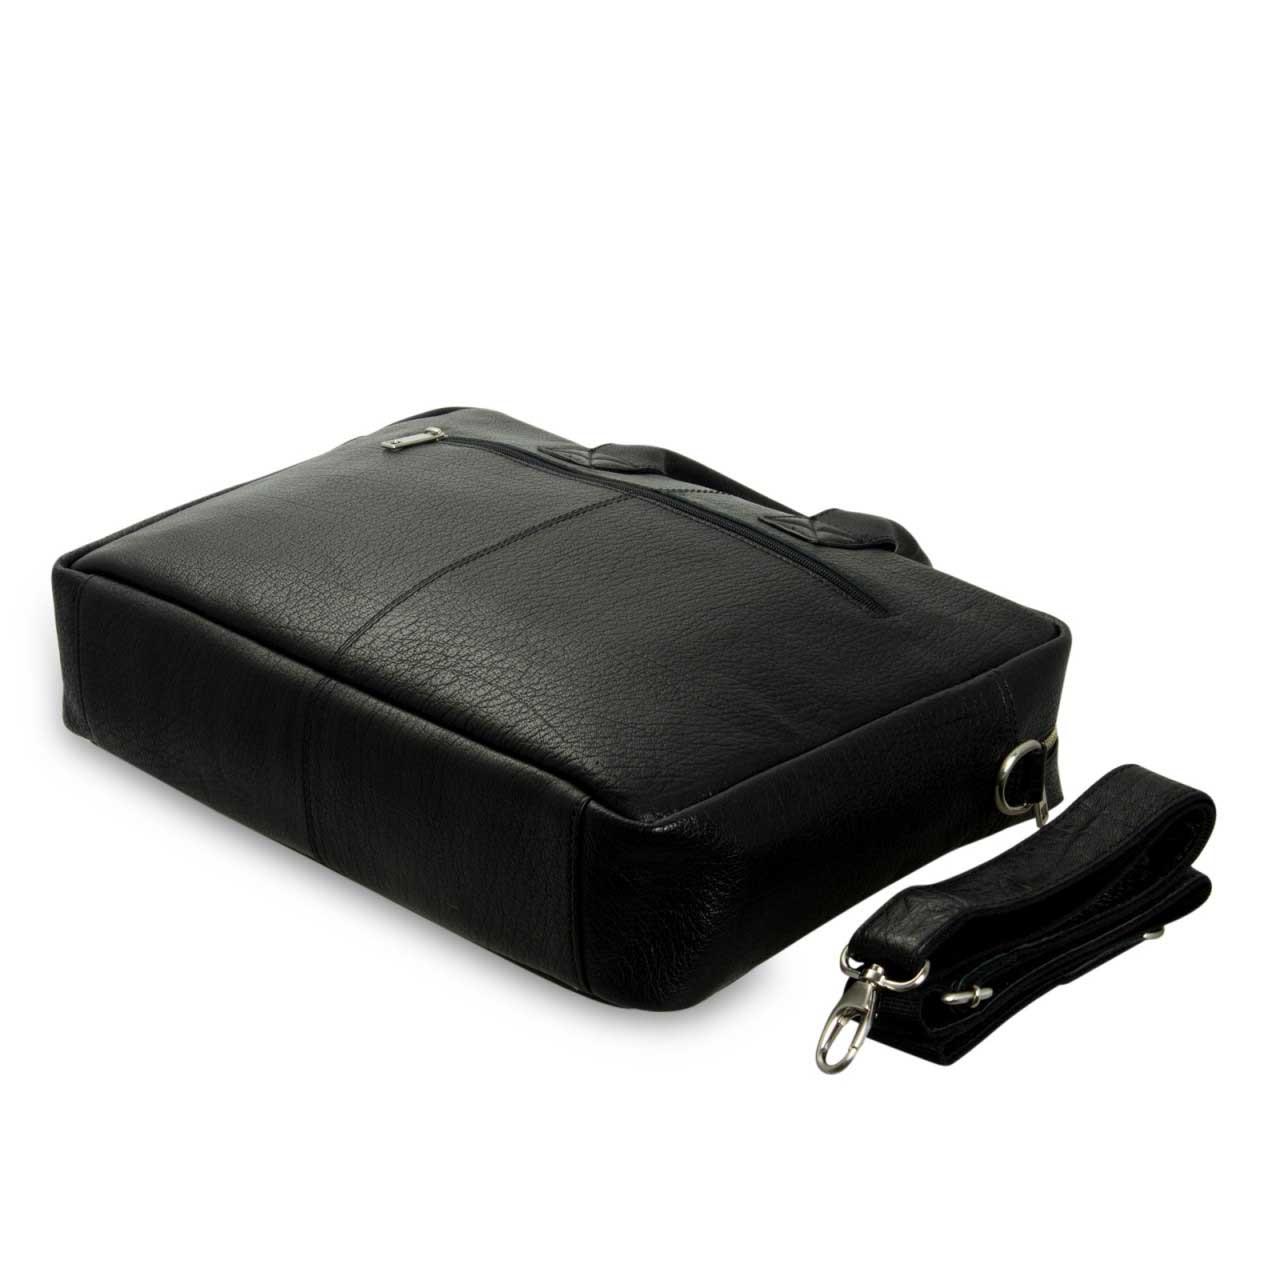 STILORD Umhängetasche Messenger Bag für Akten Ordner Groß 17.3 Zoll Laptop Tablet Tasche aus Leder schwarz  - Bild 5